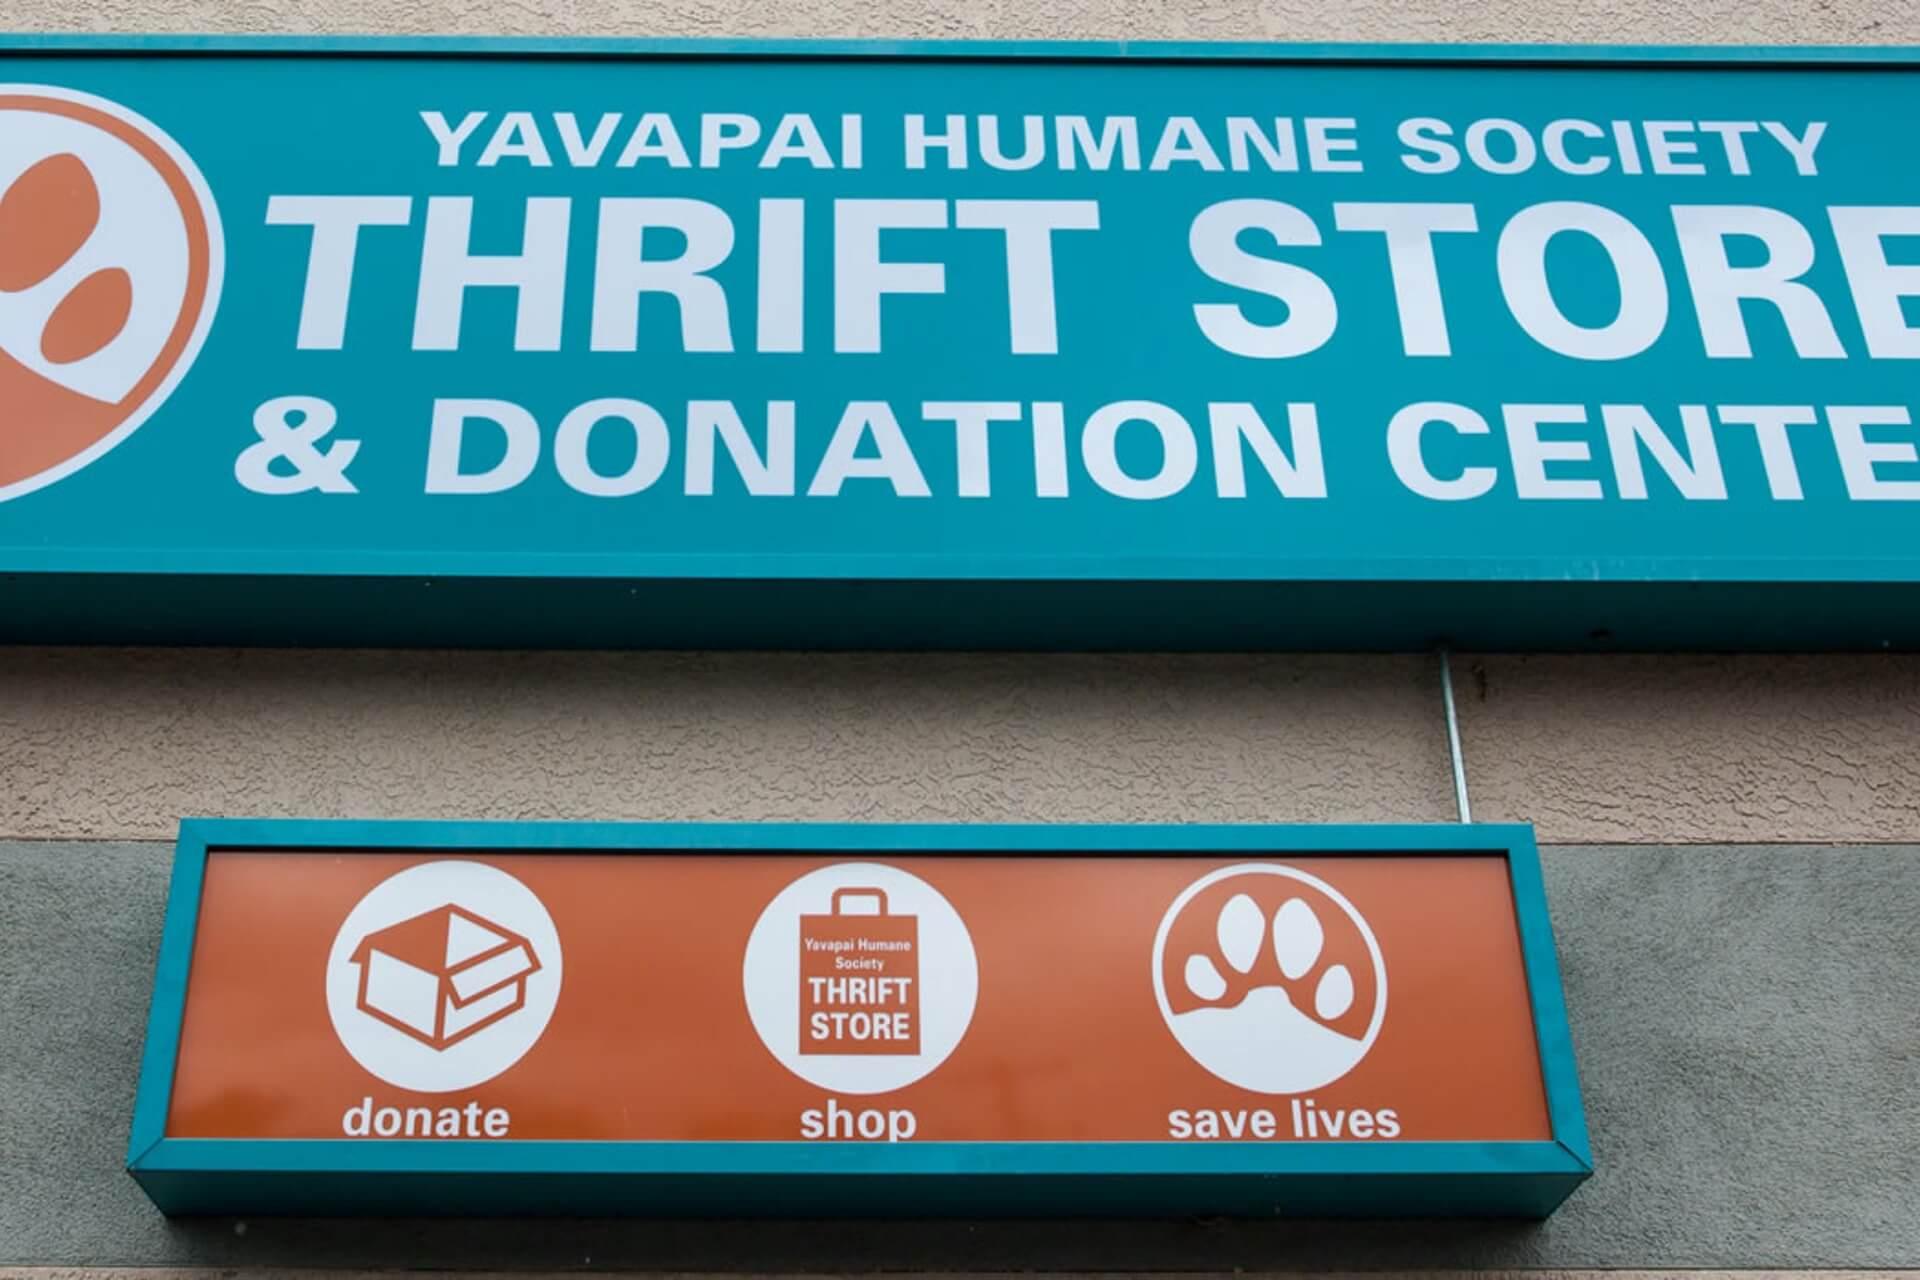 Yavapai Humane Society Thrift Store